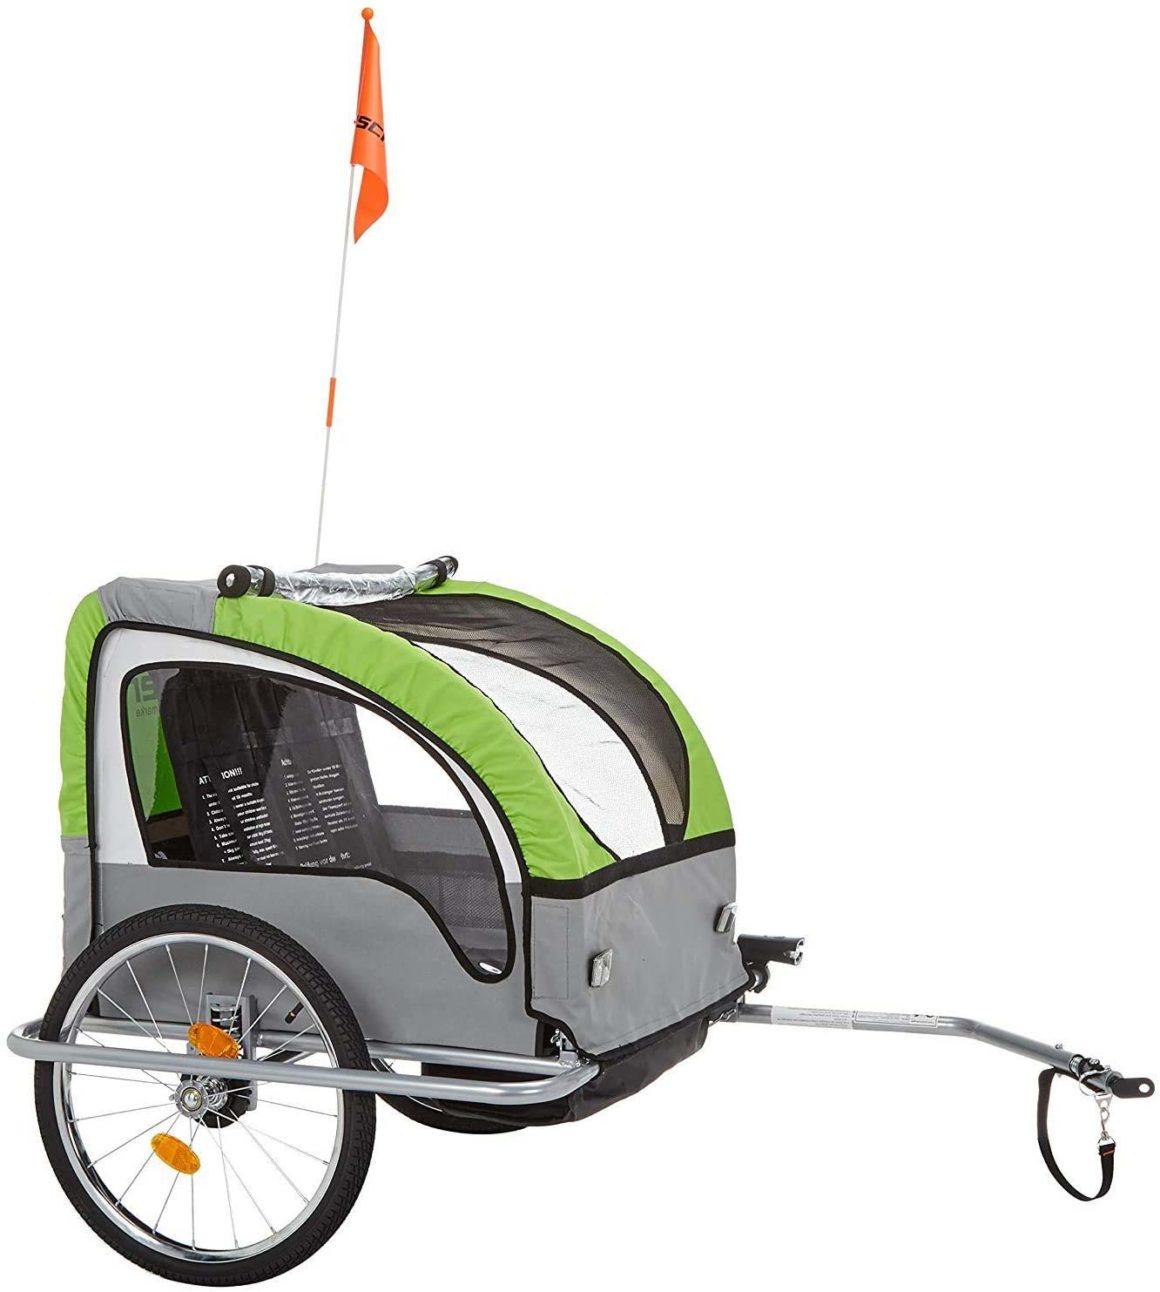 Rimorchio per bicicletta per bambini Comfort Fischer 86388 con sospensione